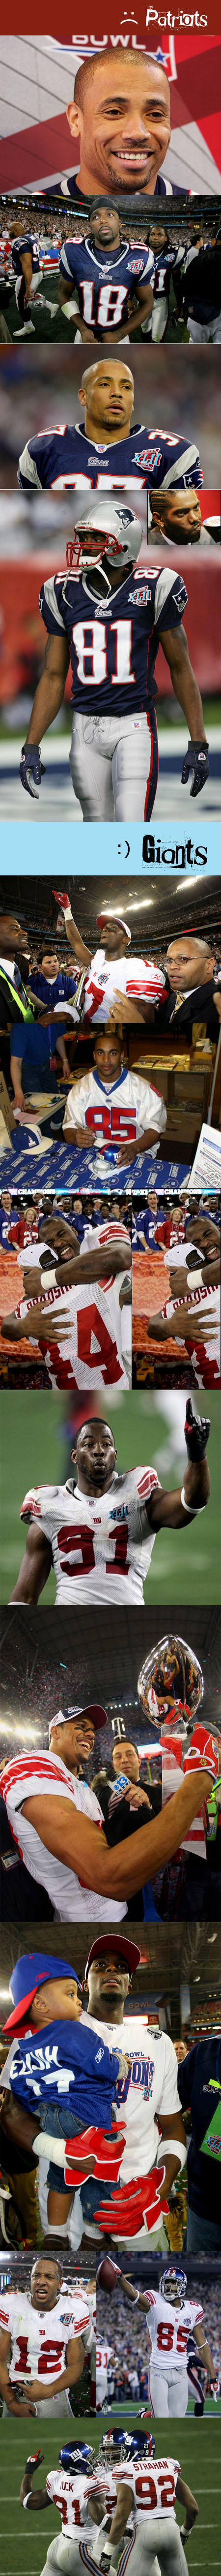 Patriots Vs Giants